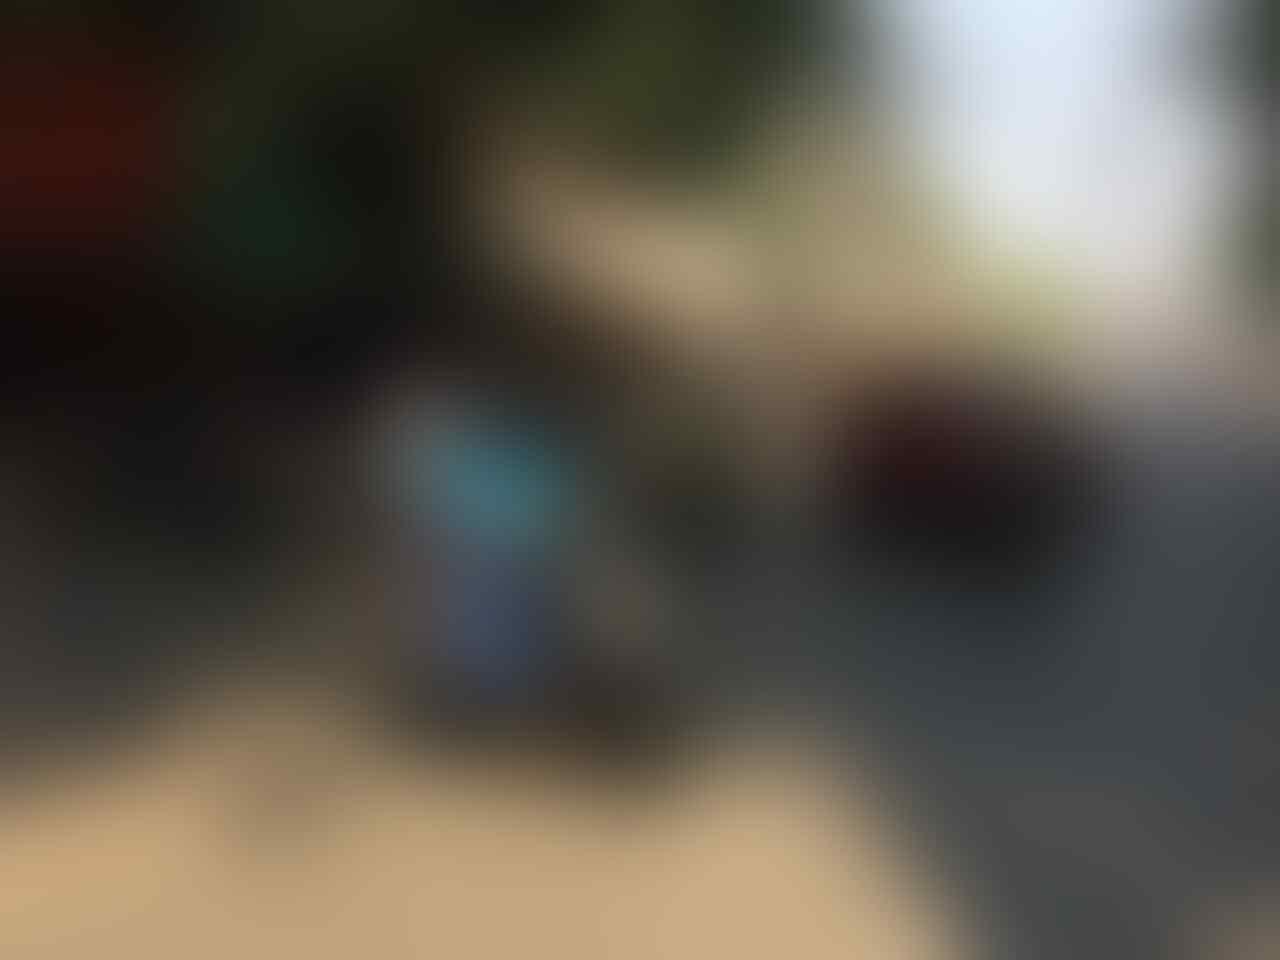 Operasi Dinyatakan Selesai 07.15 WIB, Jalan di Depan Mako Brimob Kembali Dibuka